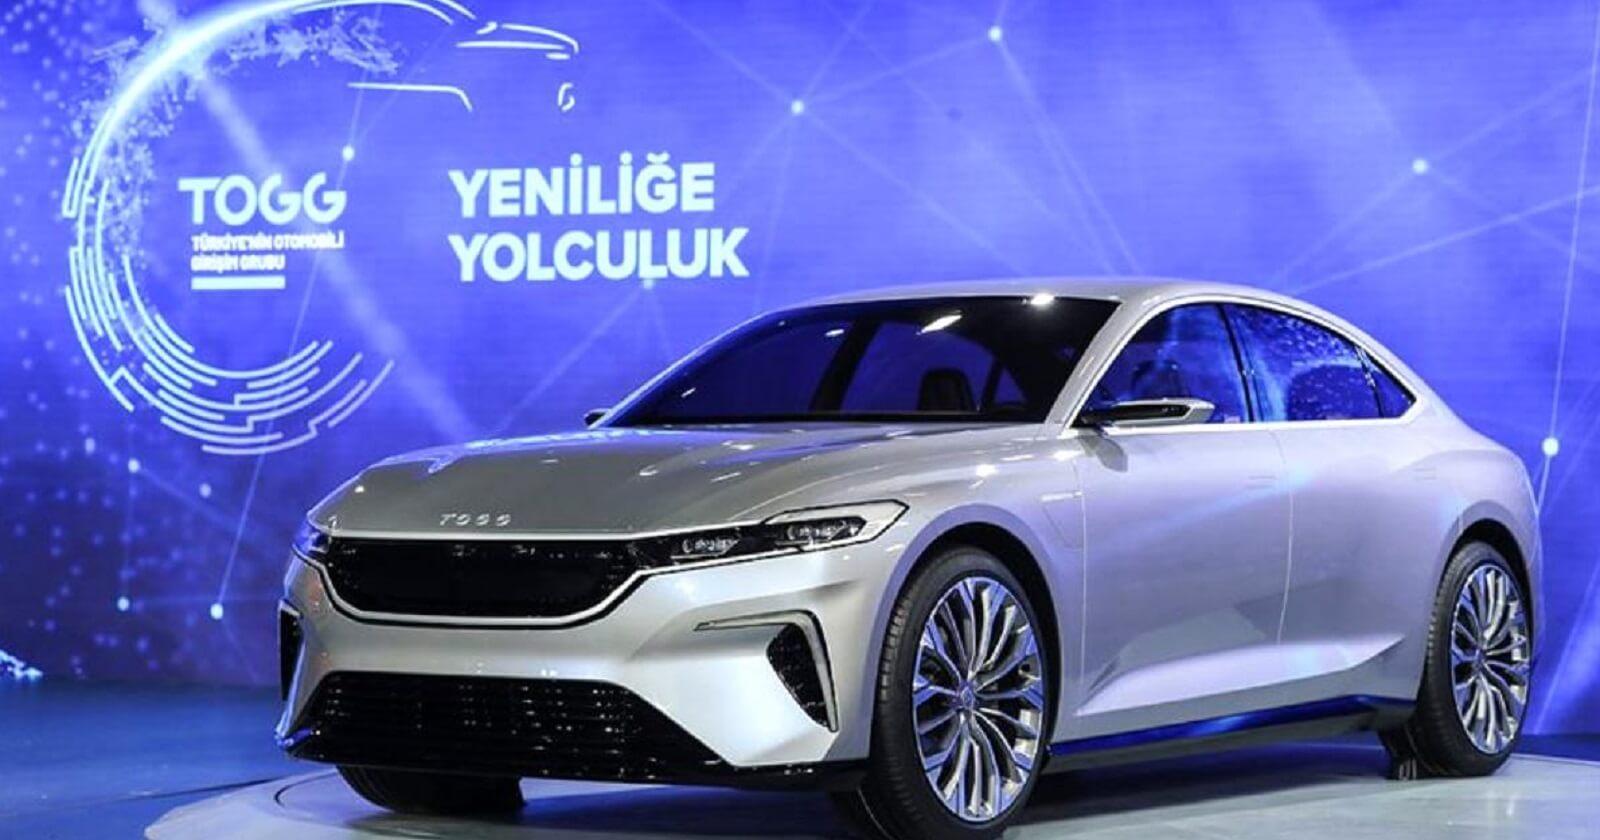 Yerli otomobil TOGG ne zaman seri üretime geçecek